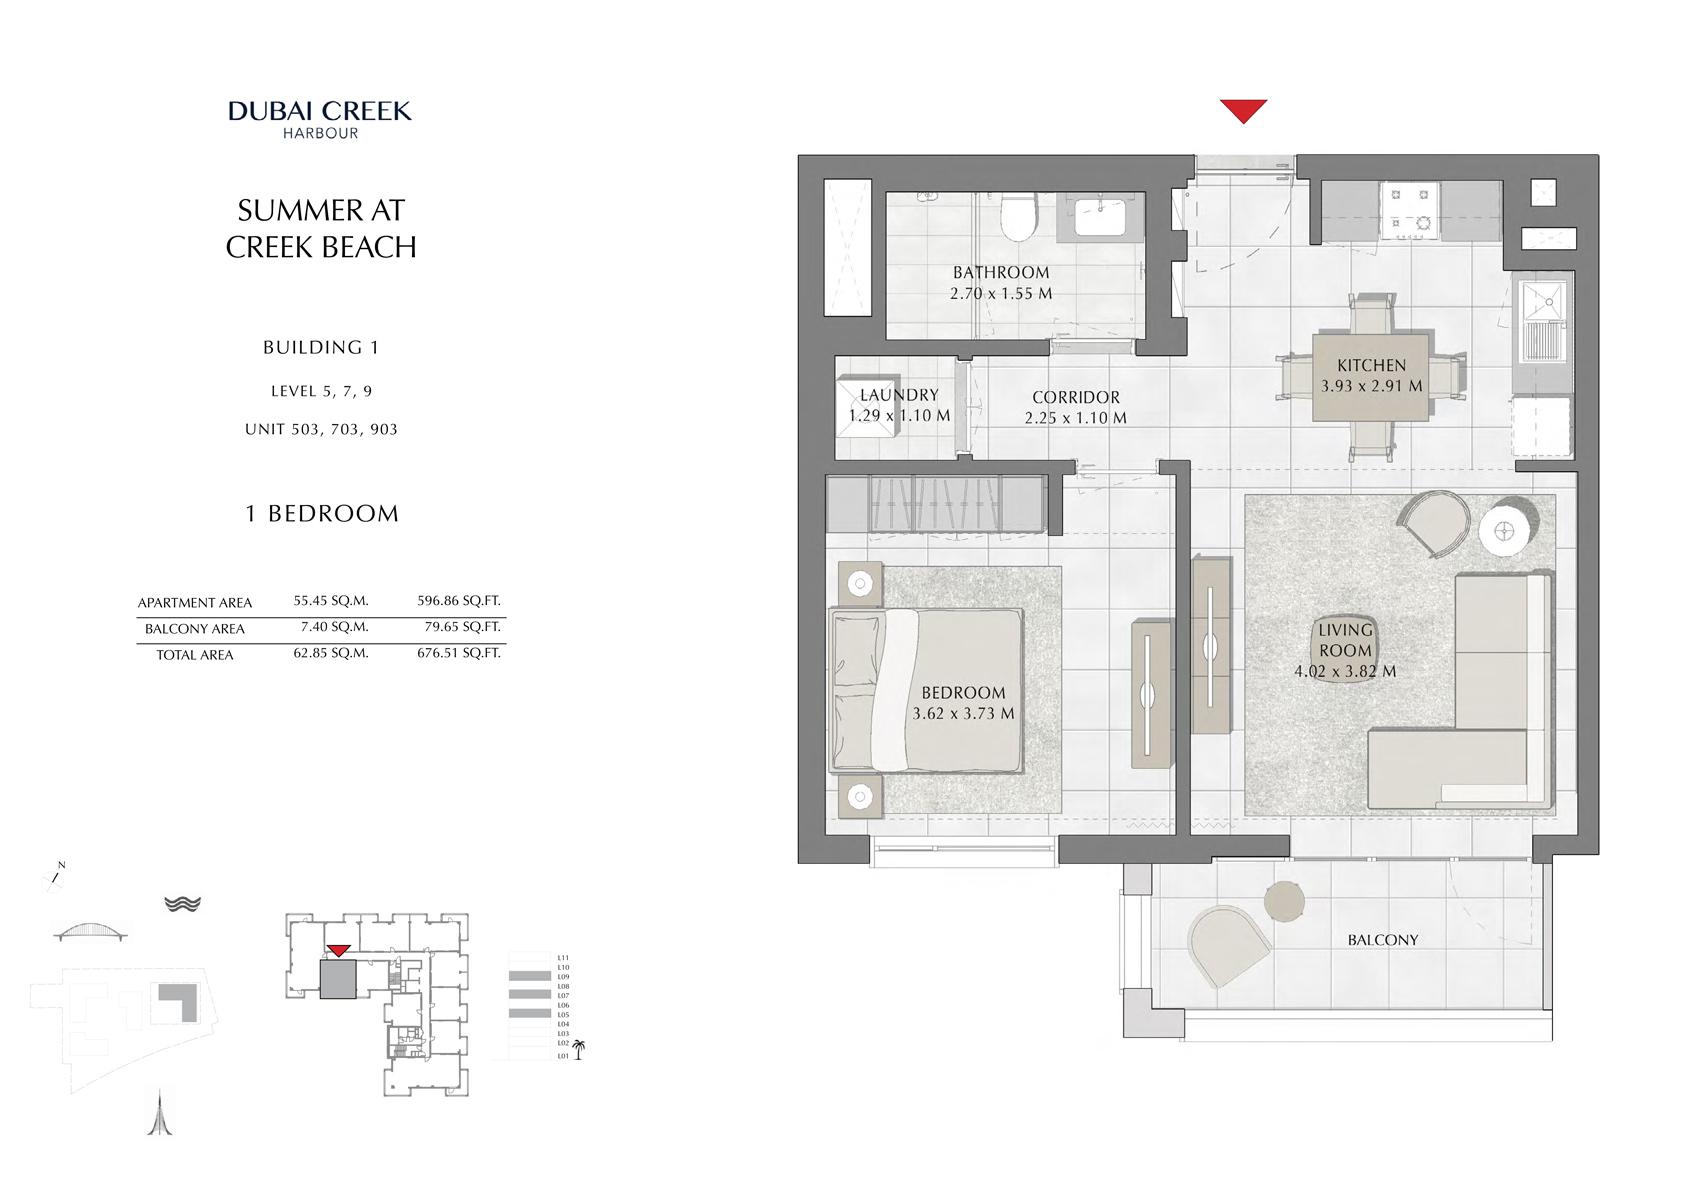 1 Br Building 1 Level-5-7-9 Unit 503-703-903, Size 676 Sq FT